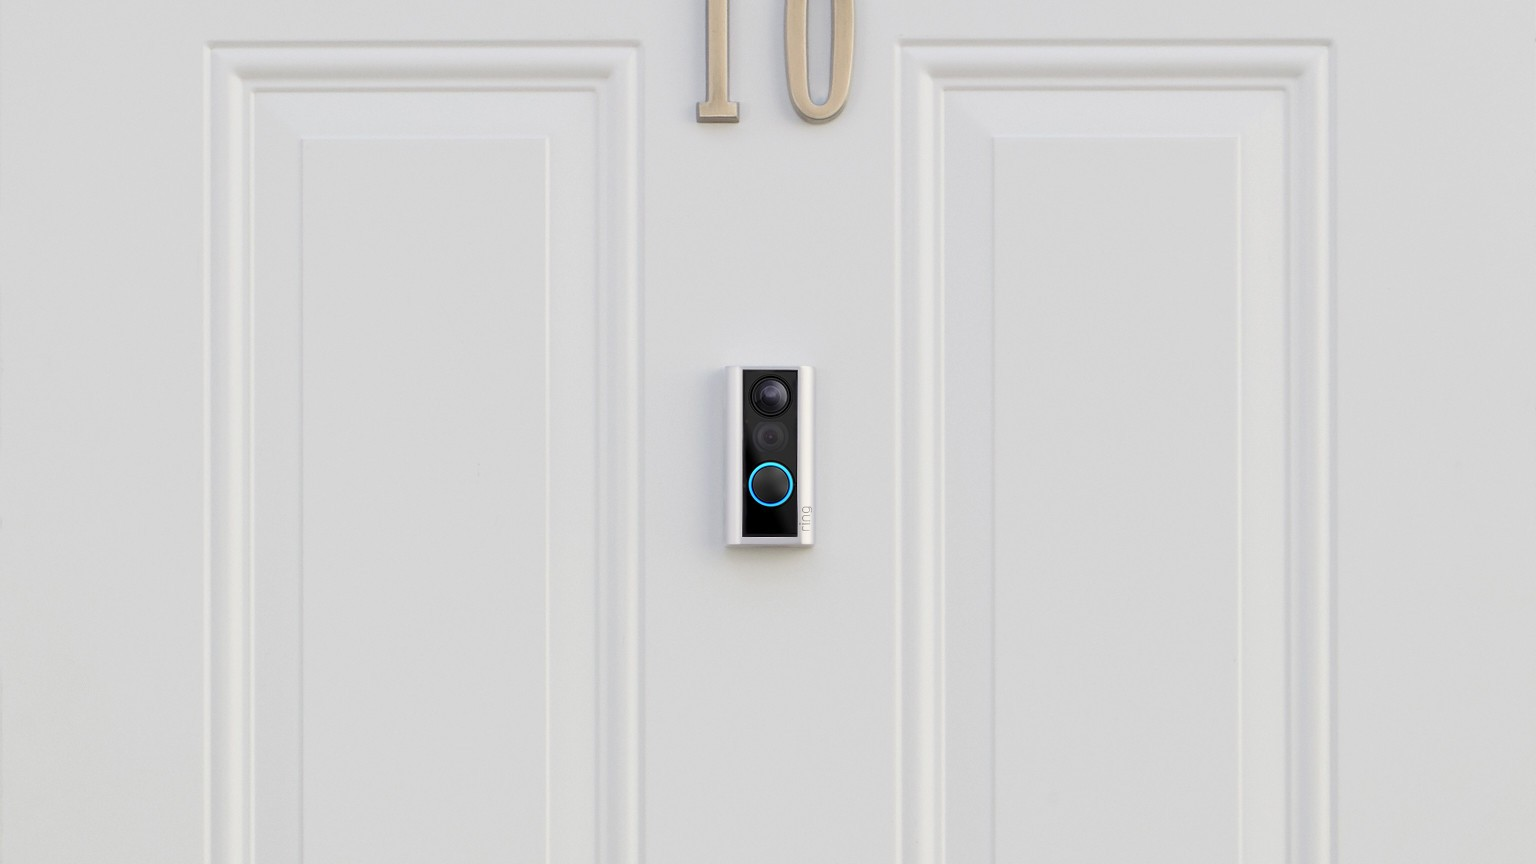 install a new doorbell button